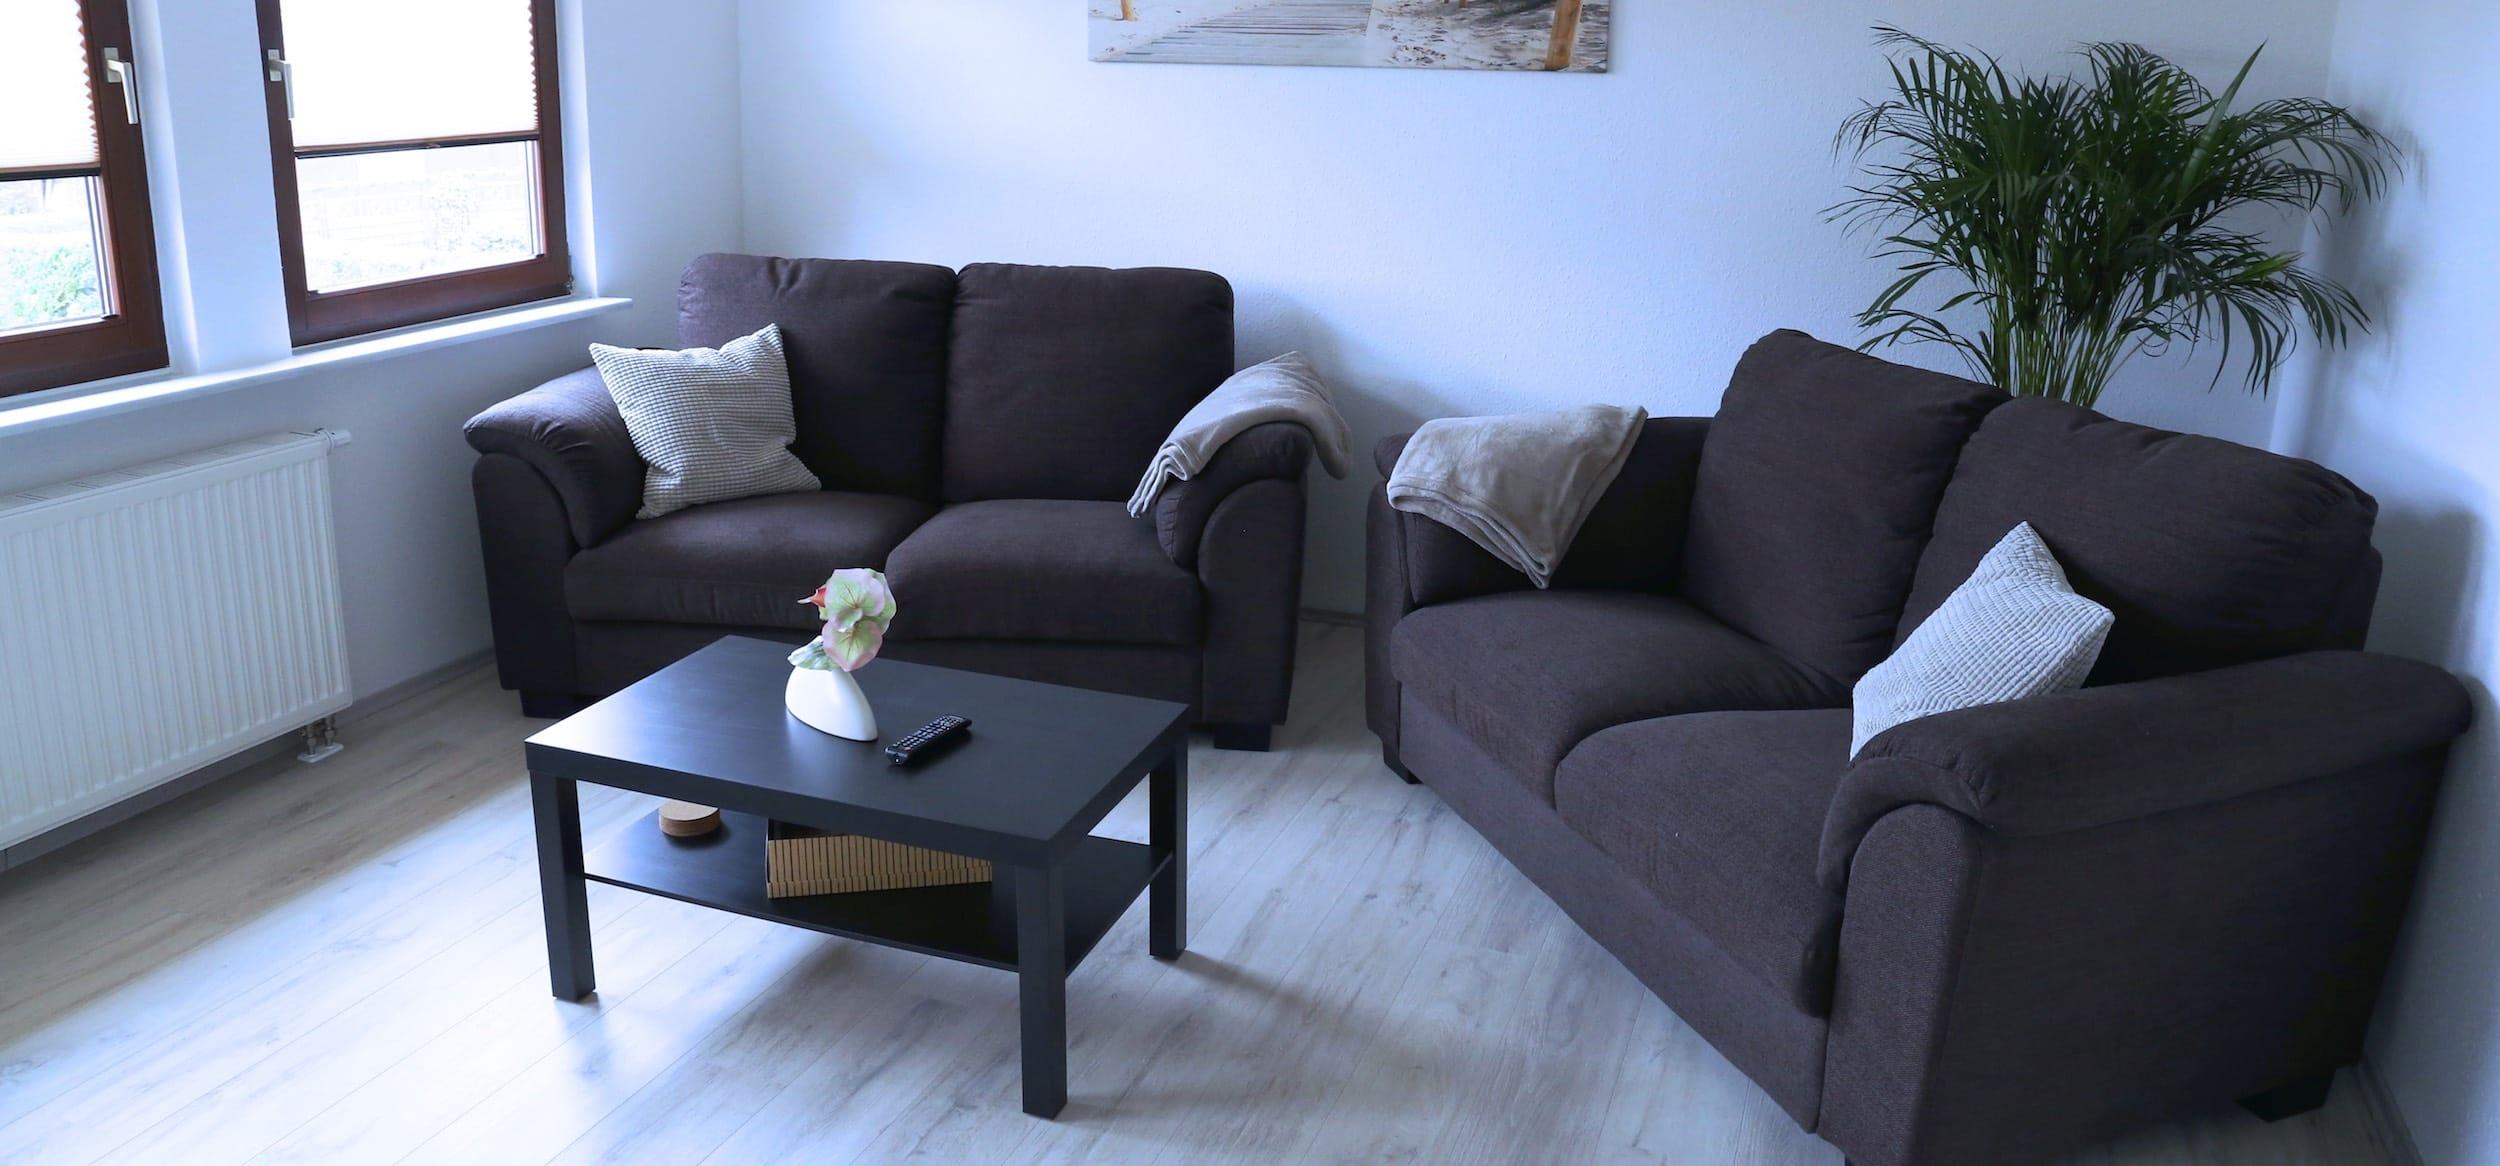 ferienwohnung hinz in neu l dershagen bei stralsund. Black Bedroom Furniture Sets. Home Design Ideas